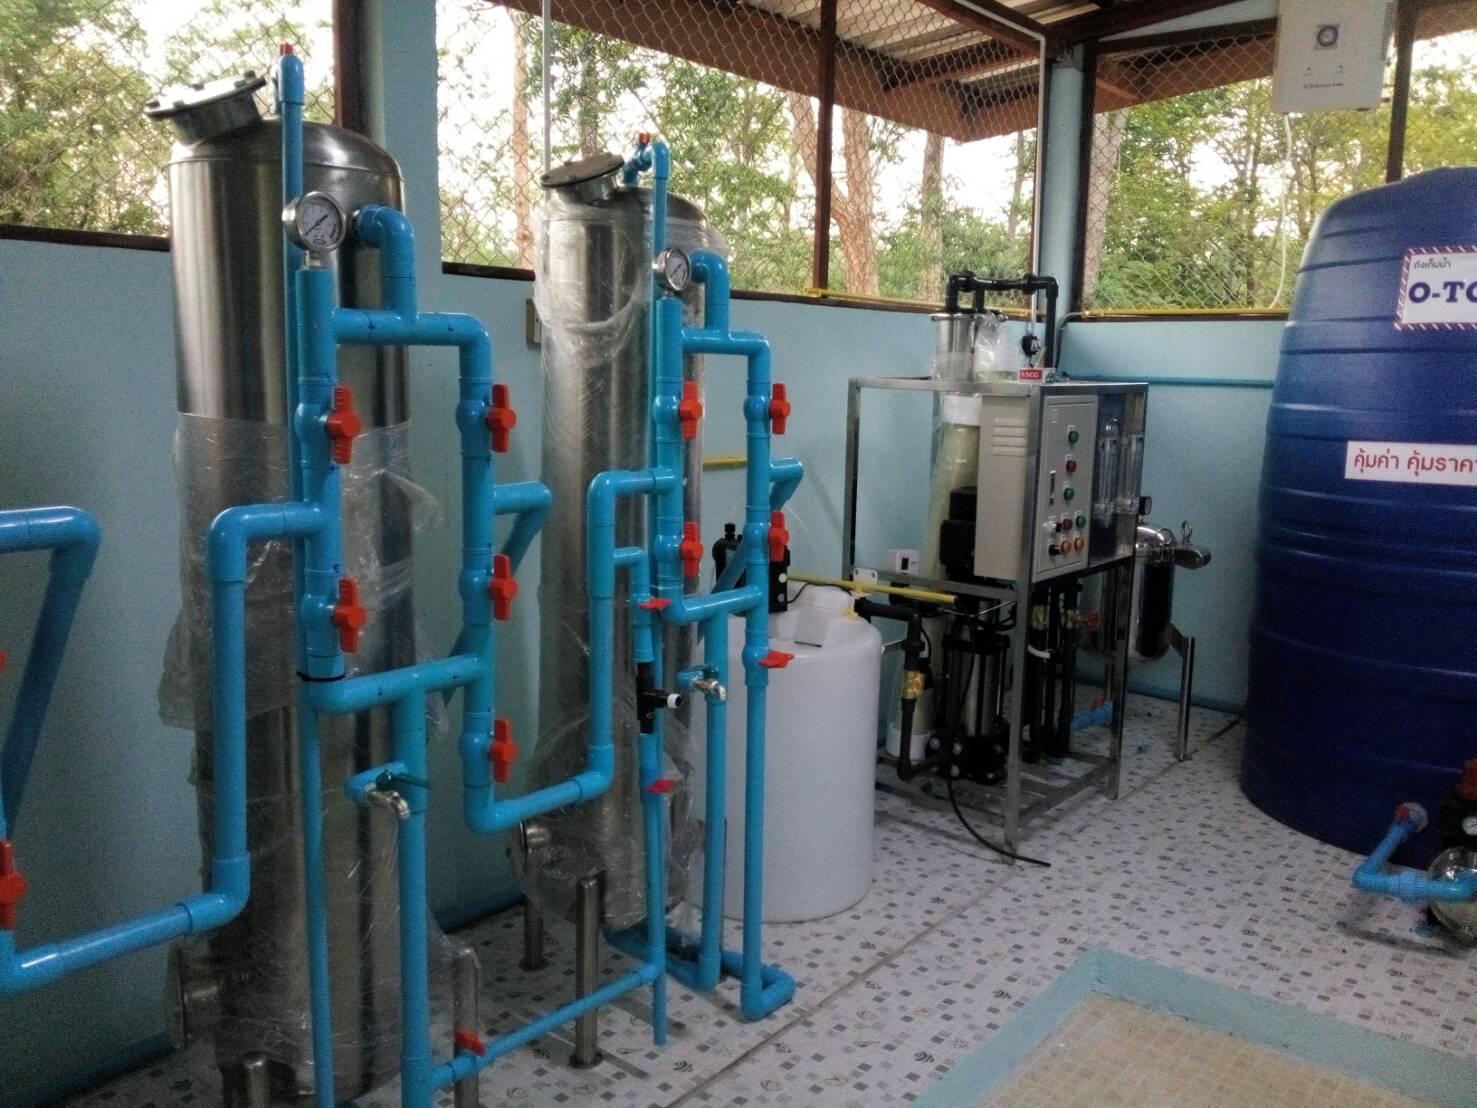 ผลการค้นหารูปภาพสำหรับ รูปติดตั้งโรงงานผลิตน้ำขาย36000 ลิตร/วัน